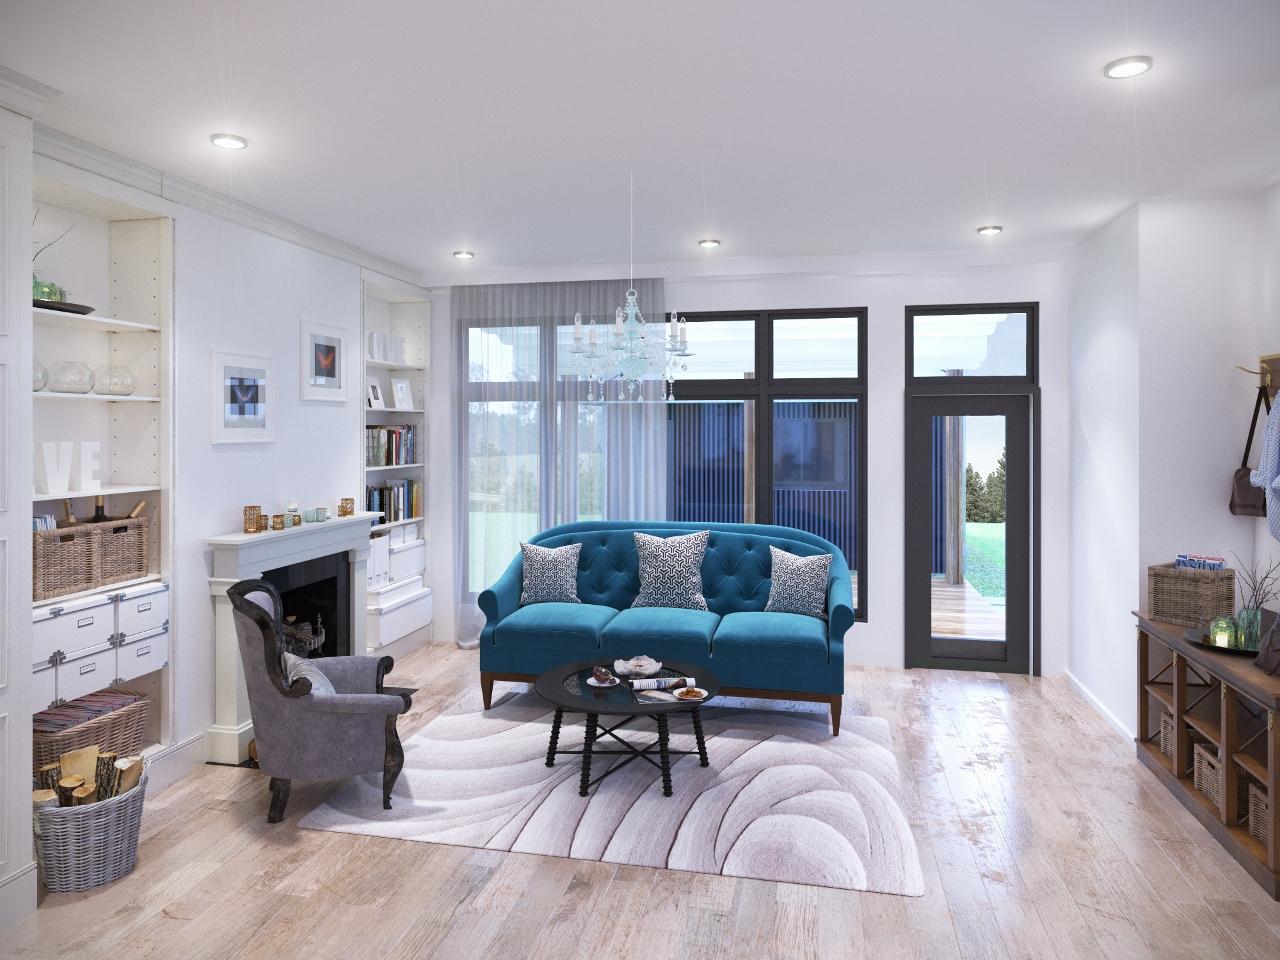 phuoc cong truong interior design